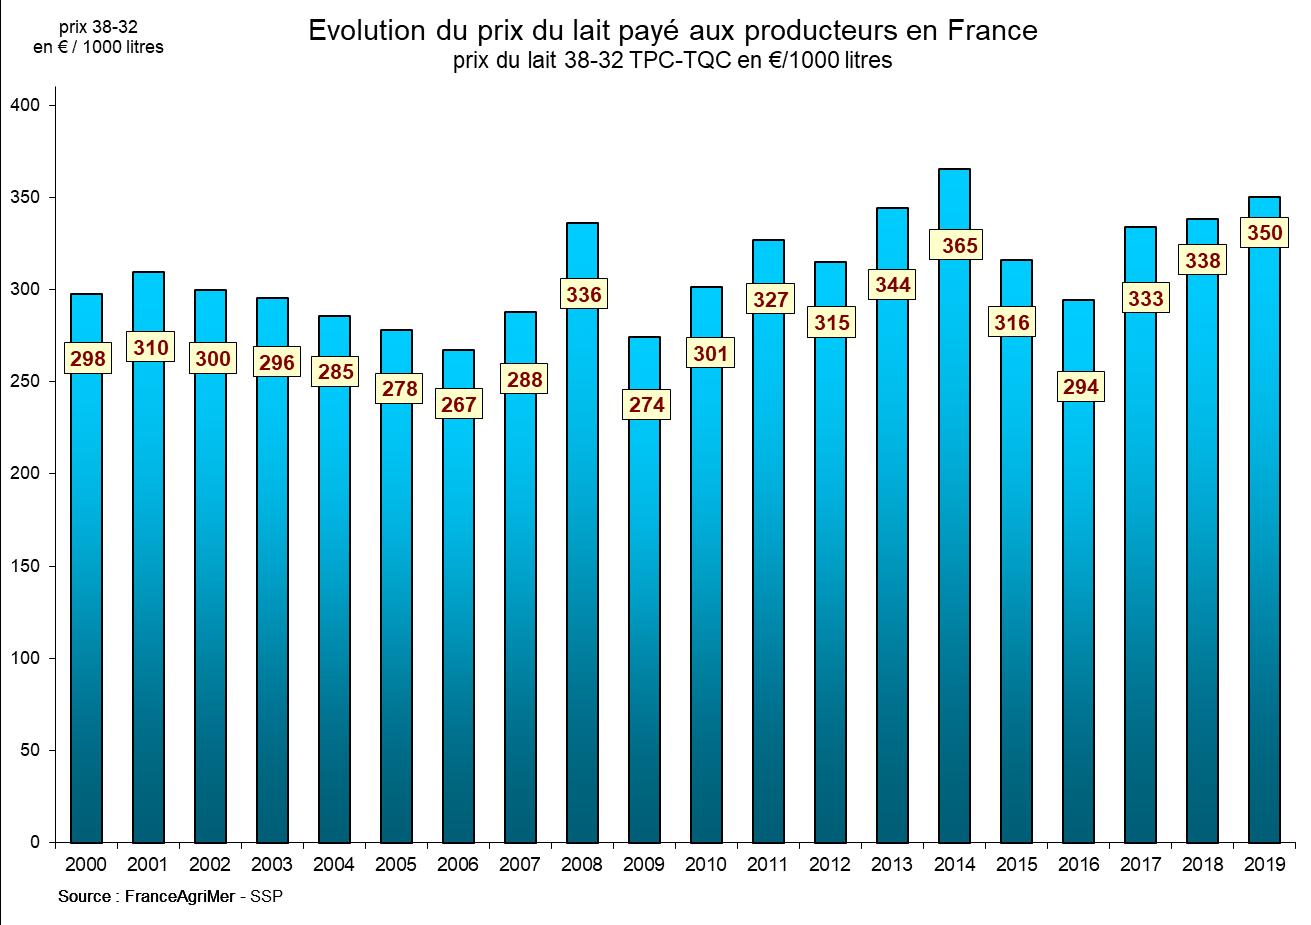 12 - Evolution du prix du lait payé aux éleveurs en France